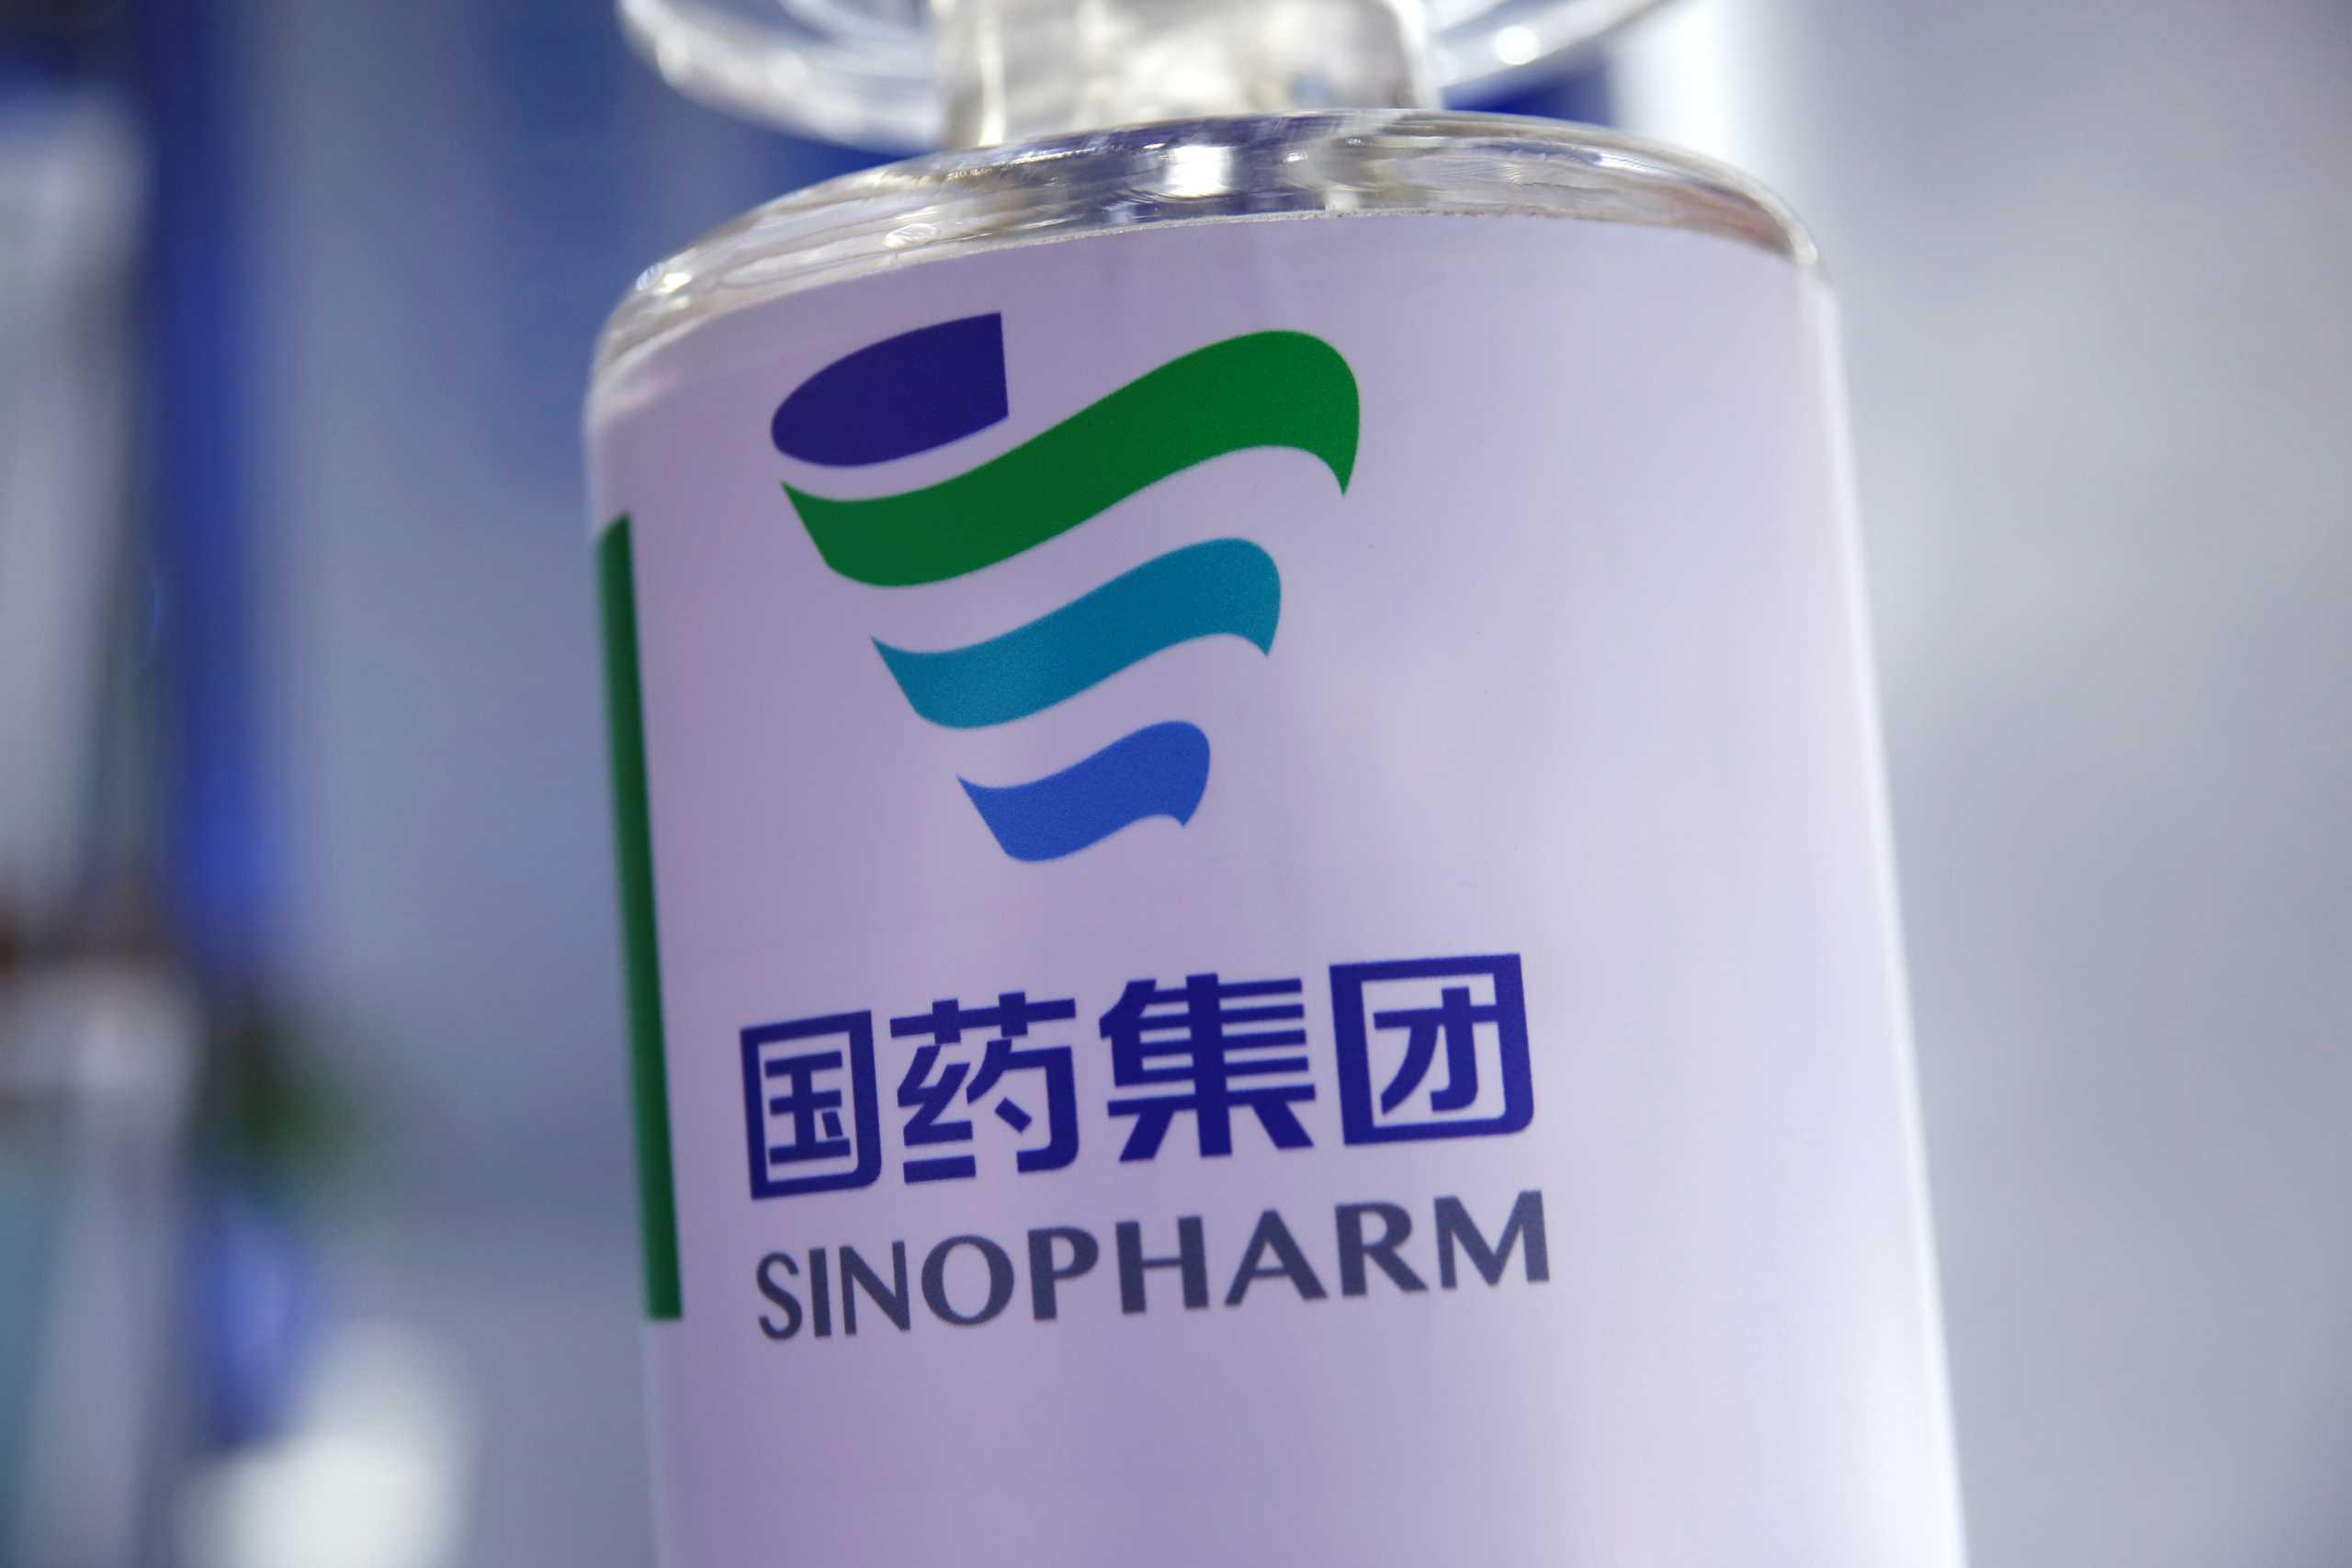 Κορονοϊός: Η κινεζική Sinopharm υπόσχεται πάνω από 1 δισ. δόσεις για όλο τον κόσμο